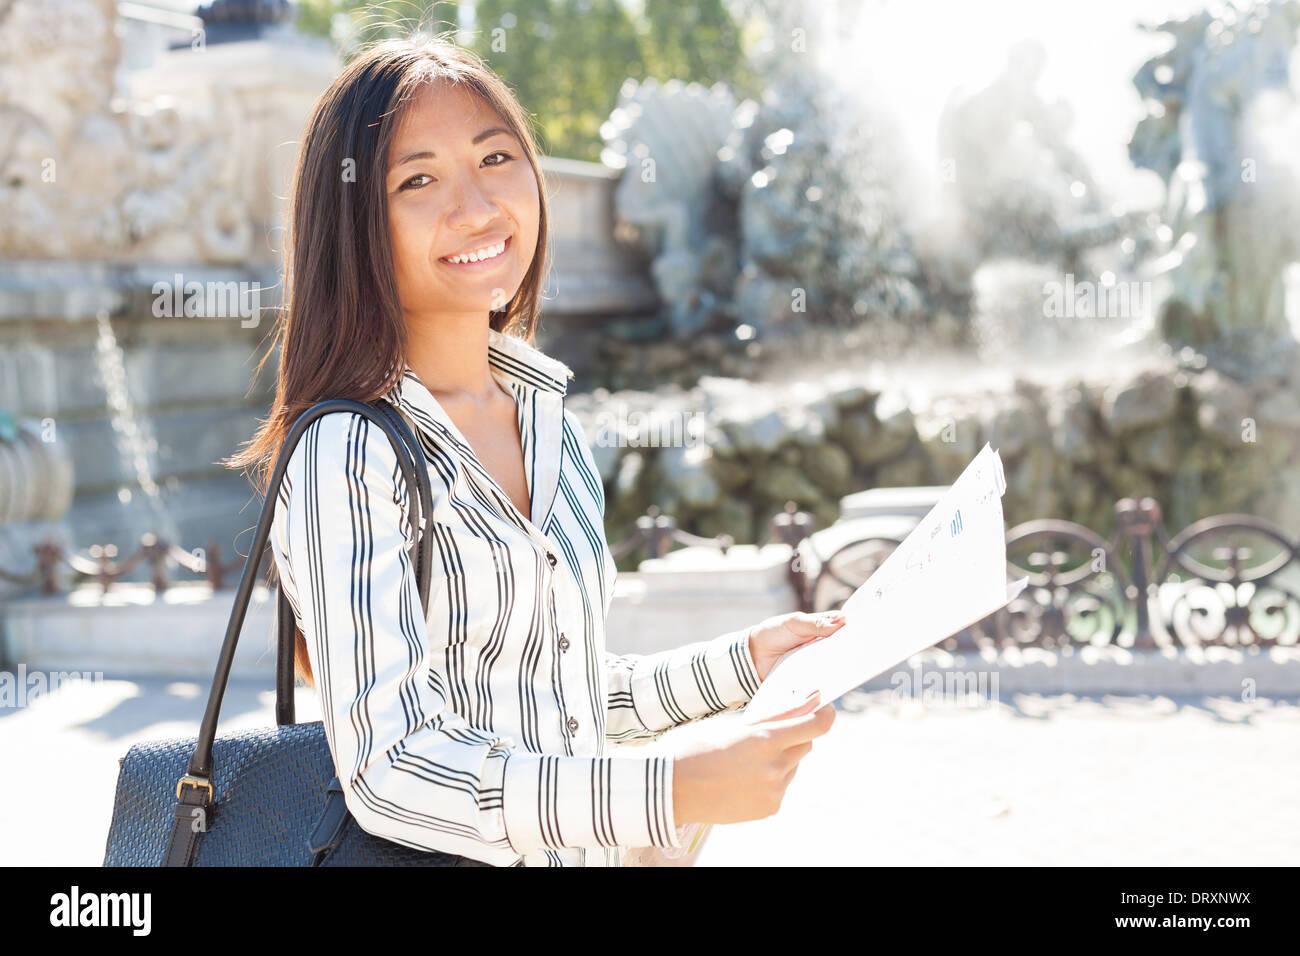 Lächelnd asiatischen Touristen, die im Besitz einer Stadtkarte Stockbild